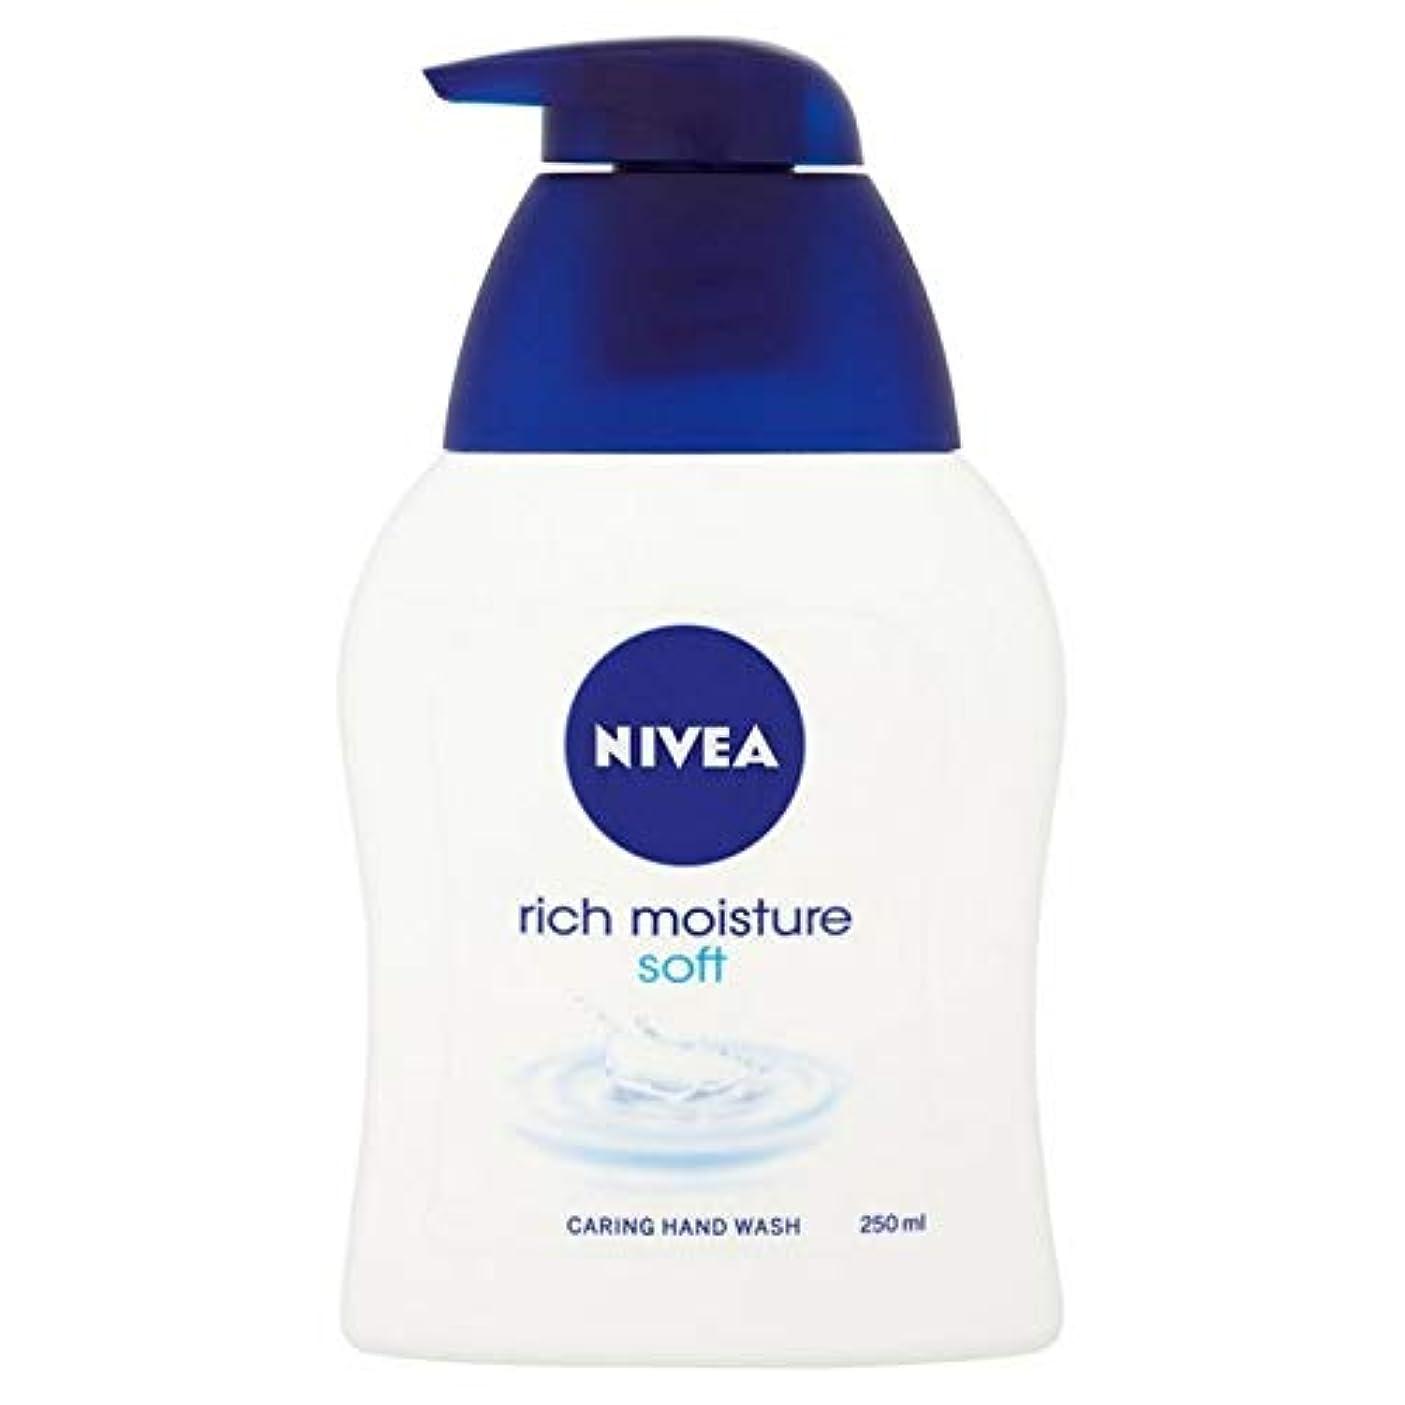 退屈させる当社火薬[Nivea ] ニベア豊富な水分ソフト思いやり手洗いの250ミリリットル - Nivea Rich Moisture Soft Caring Hand Wash 250ml [並行輸入品]